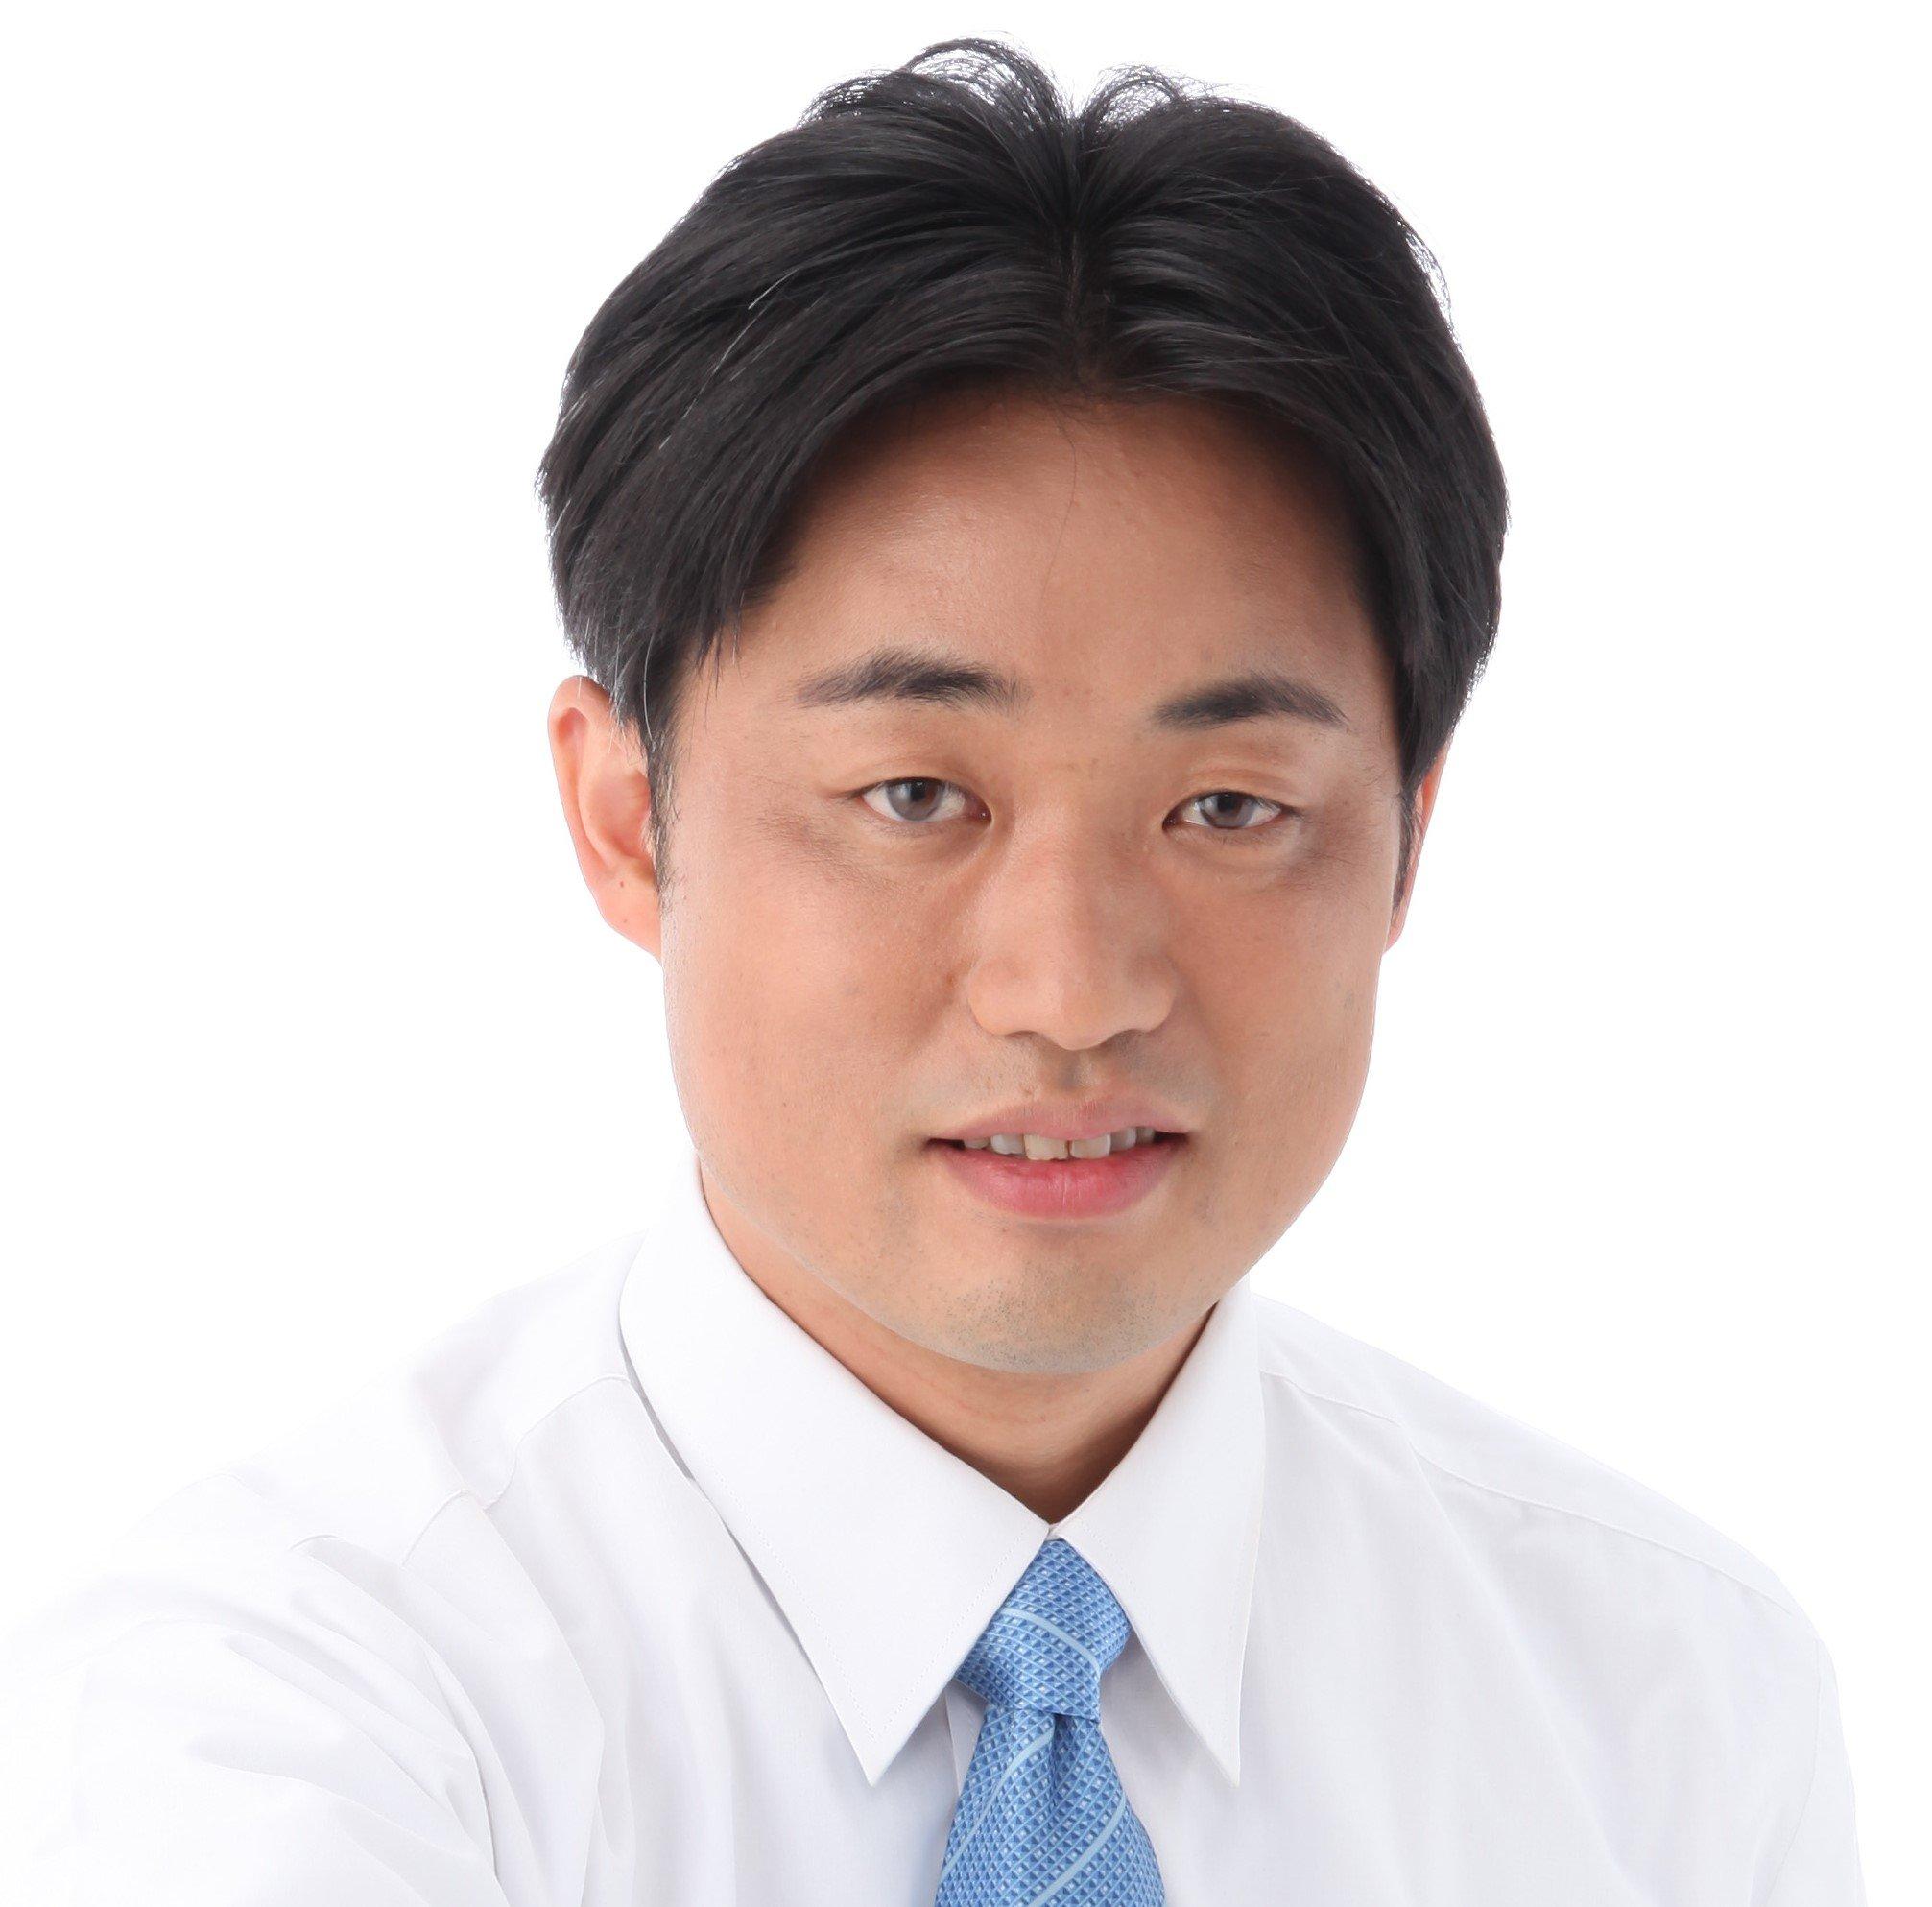 小林まさき🤗小金井市議会議員☀️防災士